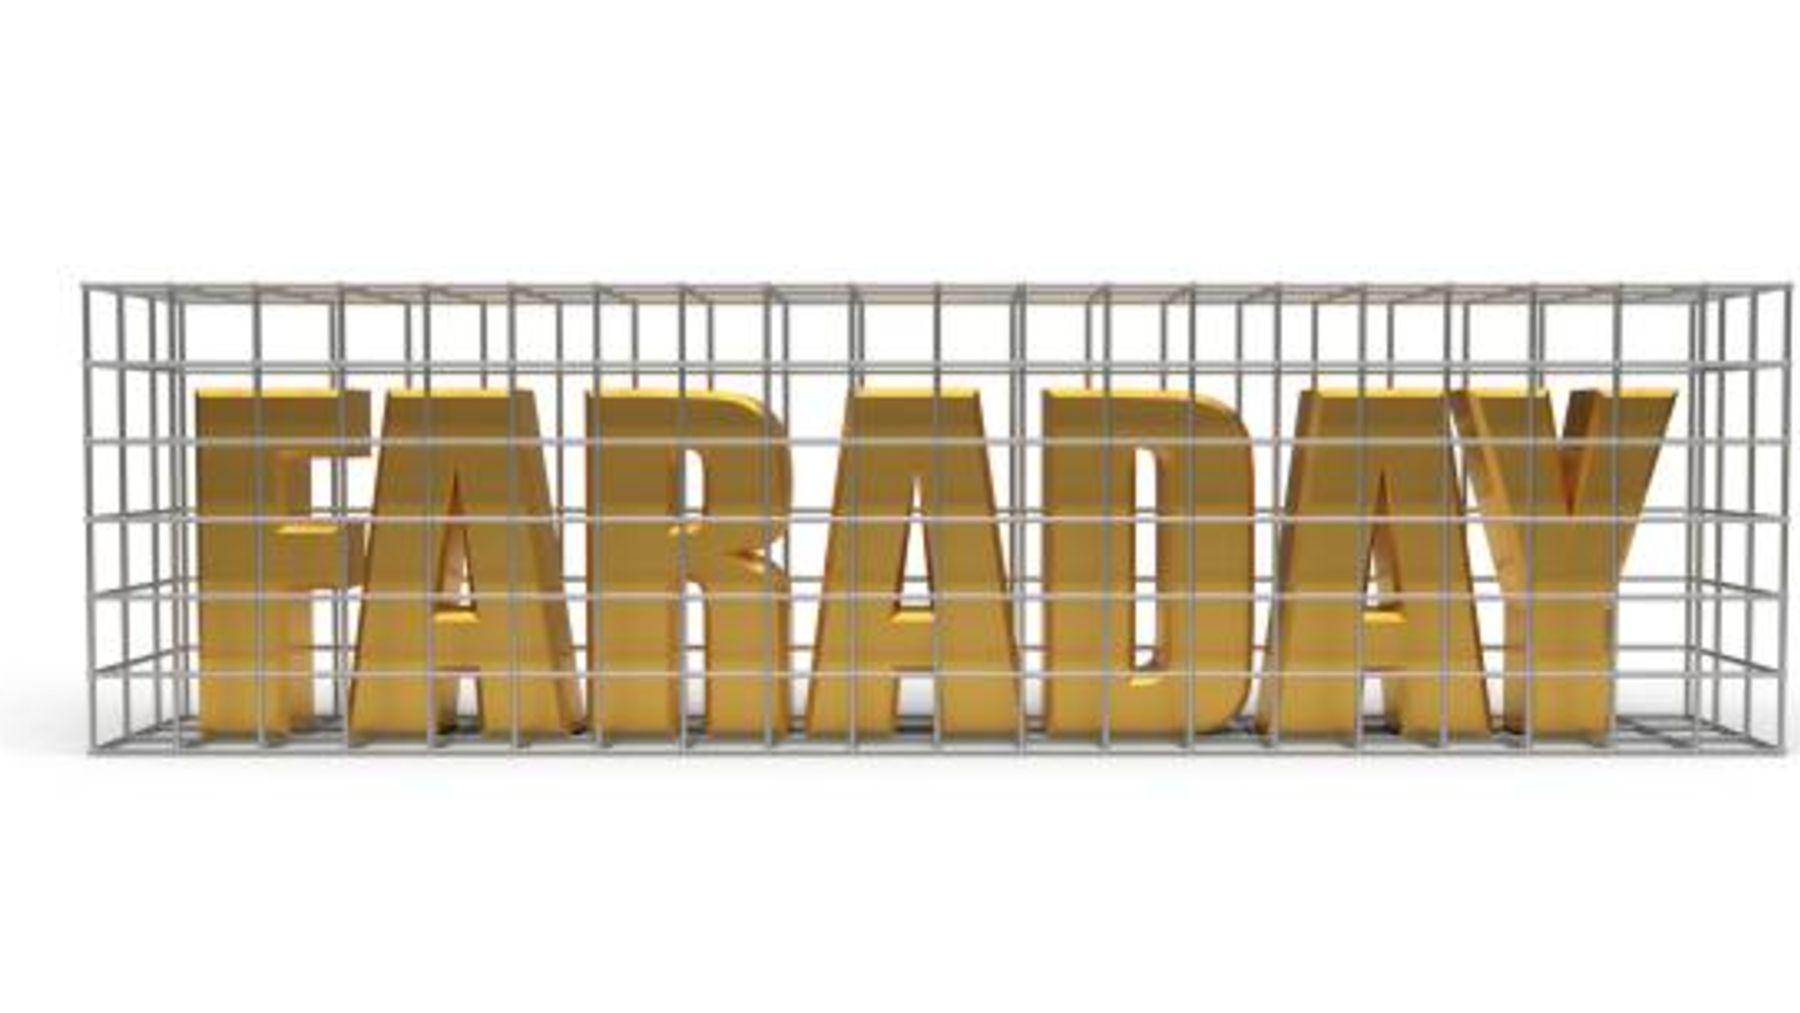 Qué es y cuáles son las aplicaciones de una Jaula de Faraday